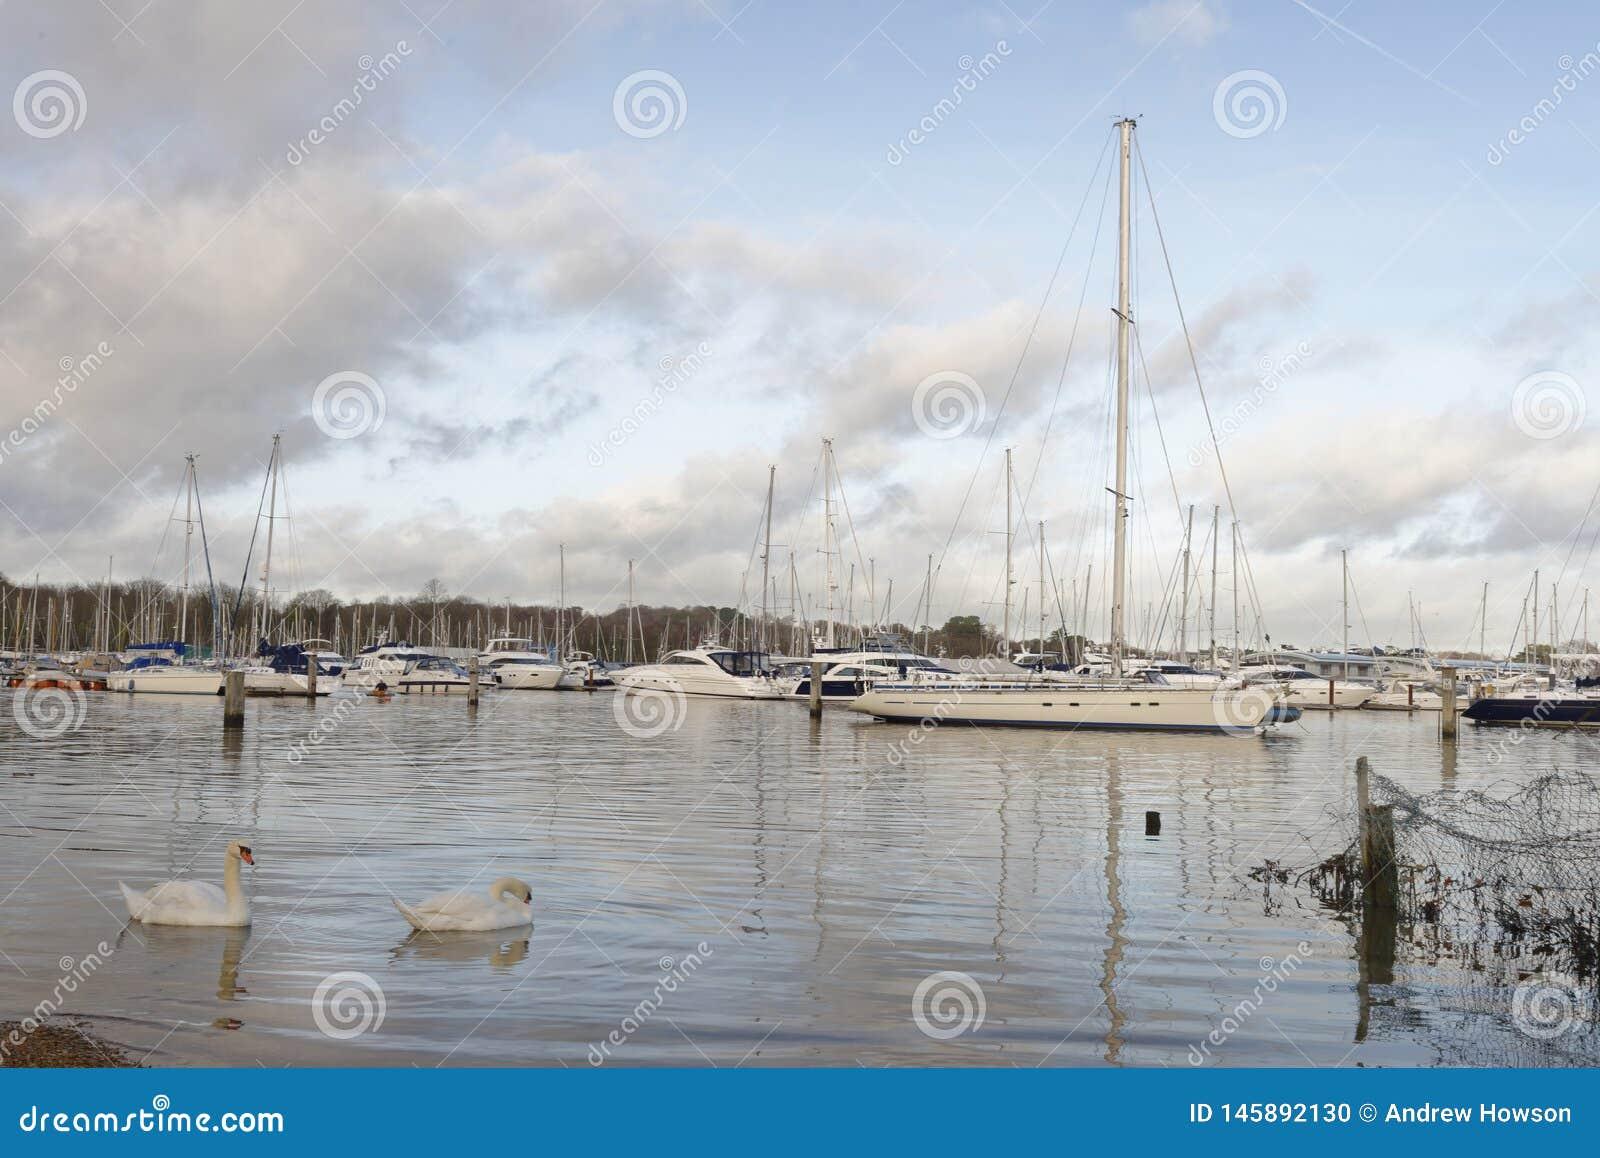 Bateaux et yachts amarrés dans le port, bursledon, Angleterre, l Europe cygnes